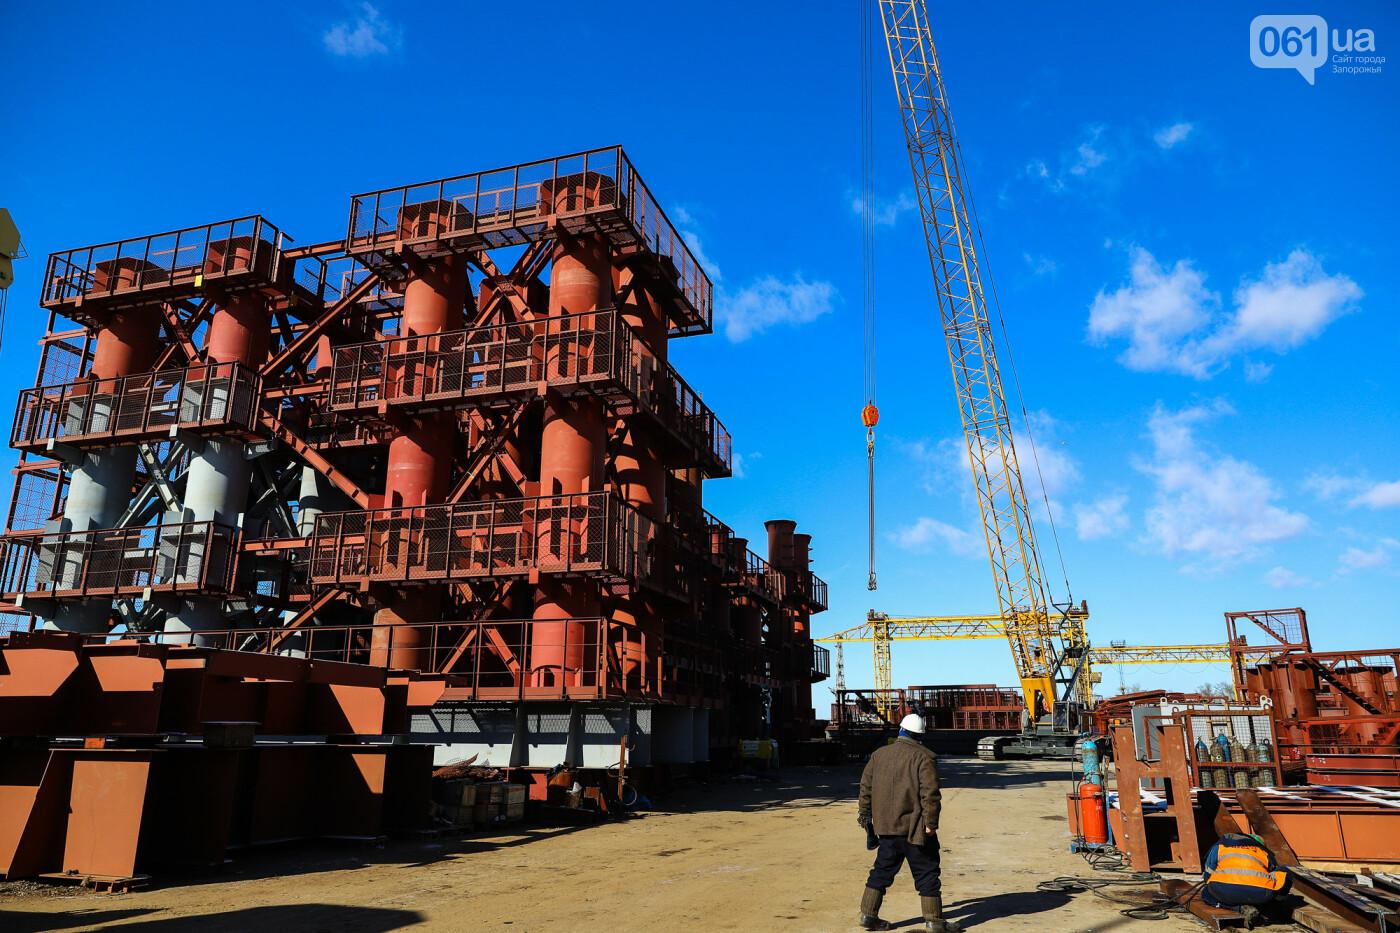 Кран с иностранной пропиской, ванты и металл: строительство запорожских мостов в фотографиях, фото-18